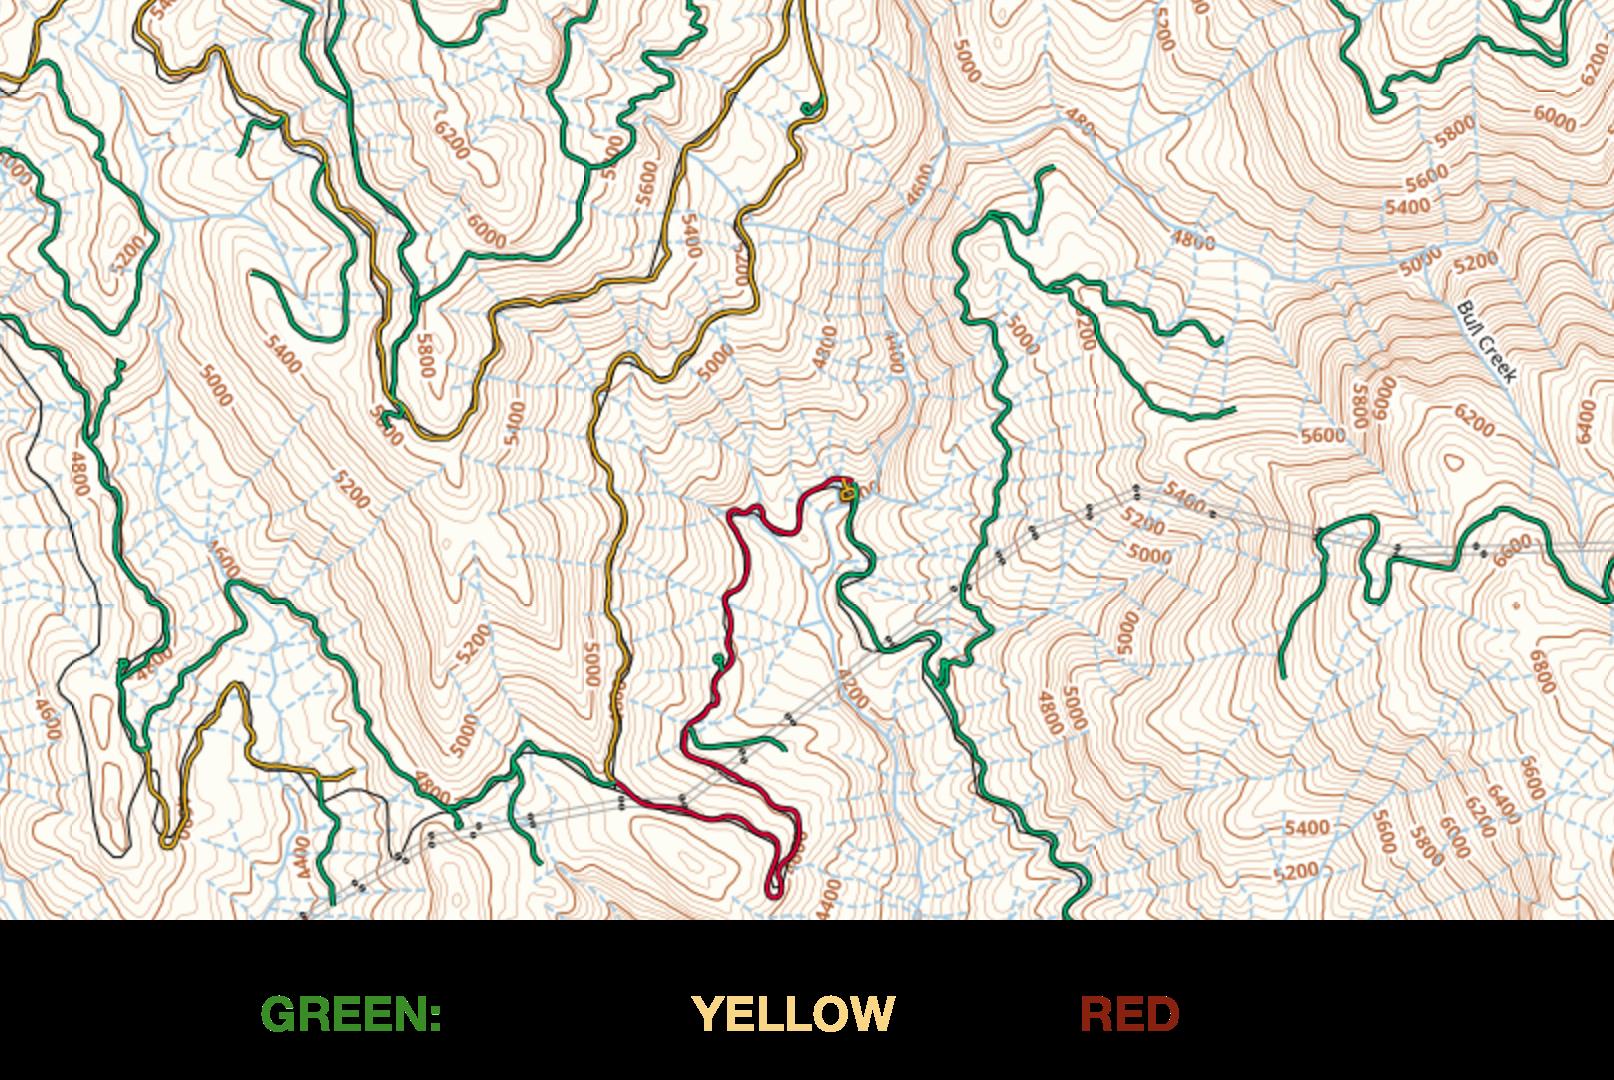 Motor Vehicle Use Maps